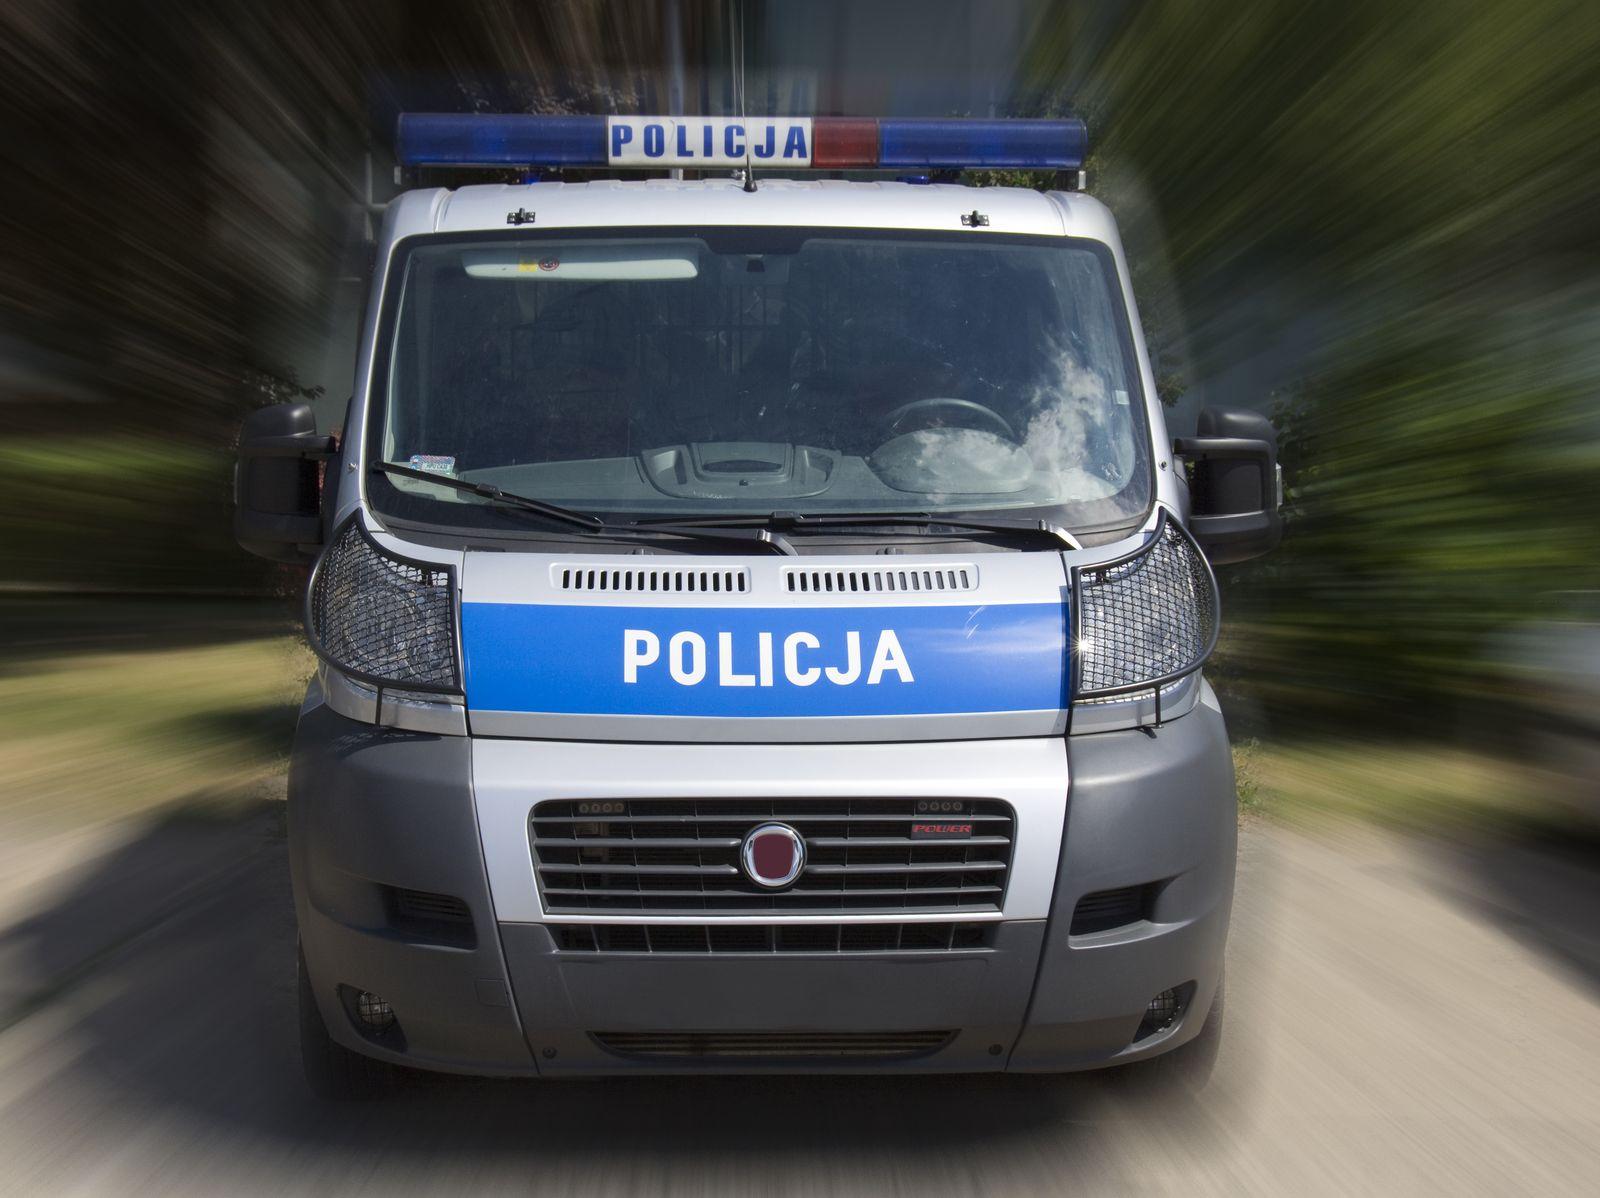 Powiat krotoszyński. Pijany 32-latek spowodował kolizję. Nie miał prawa jazdy - Zdjęcie główne